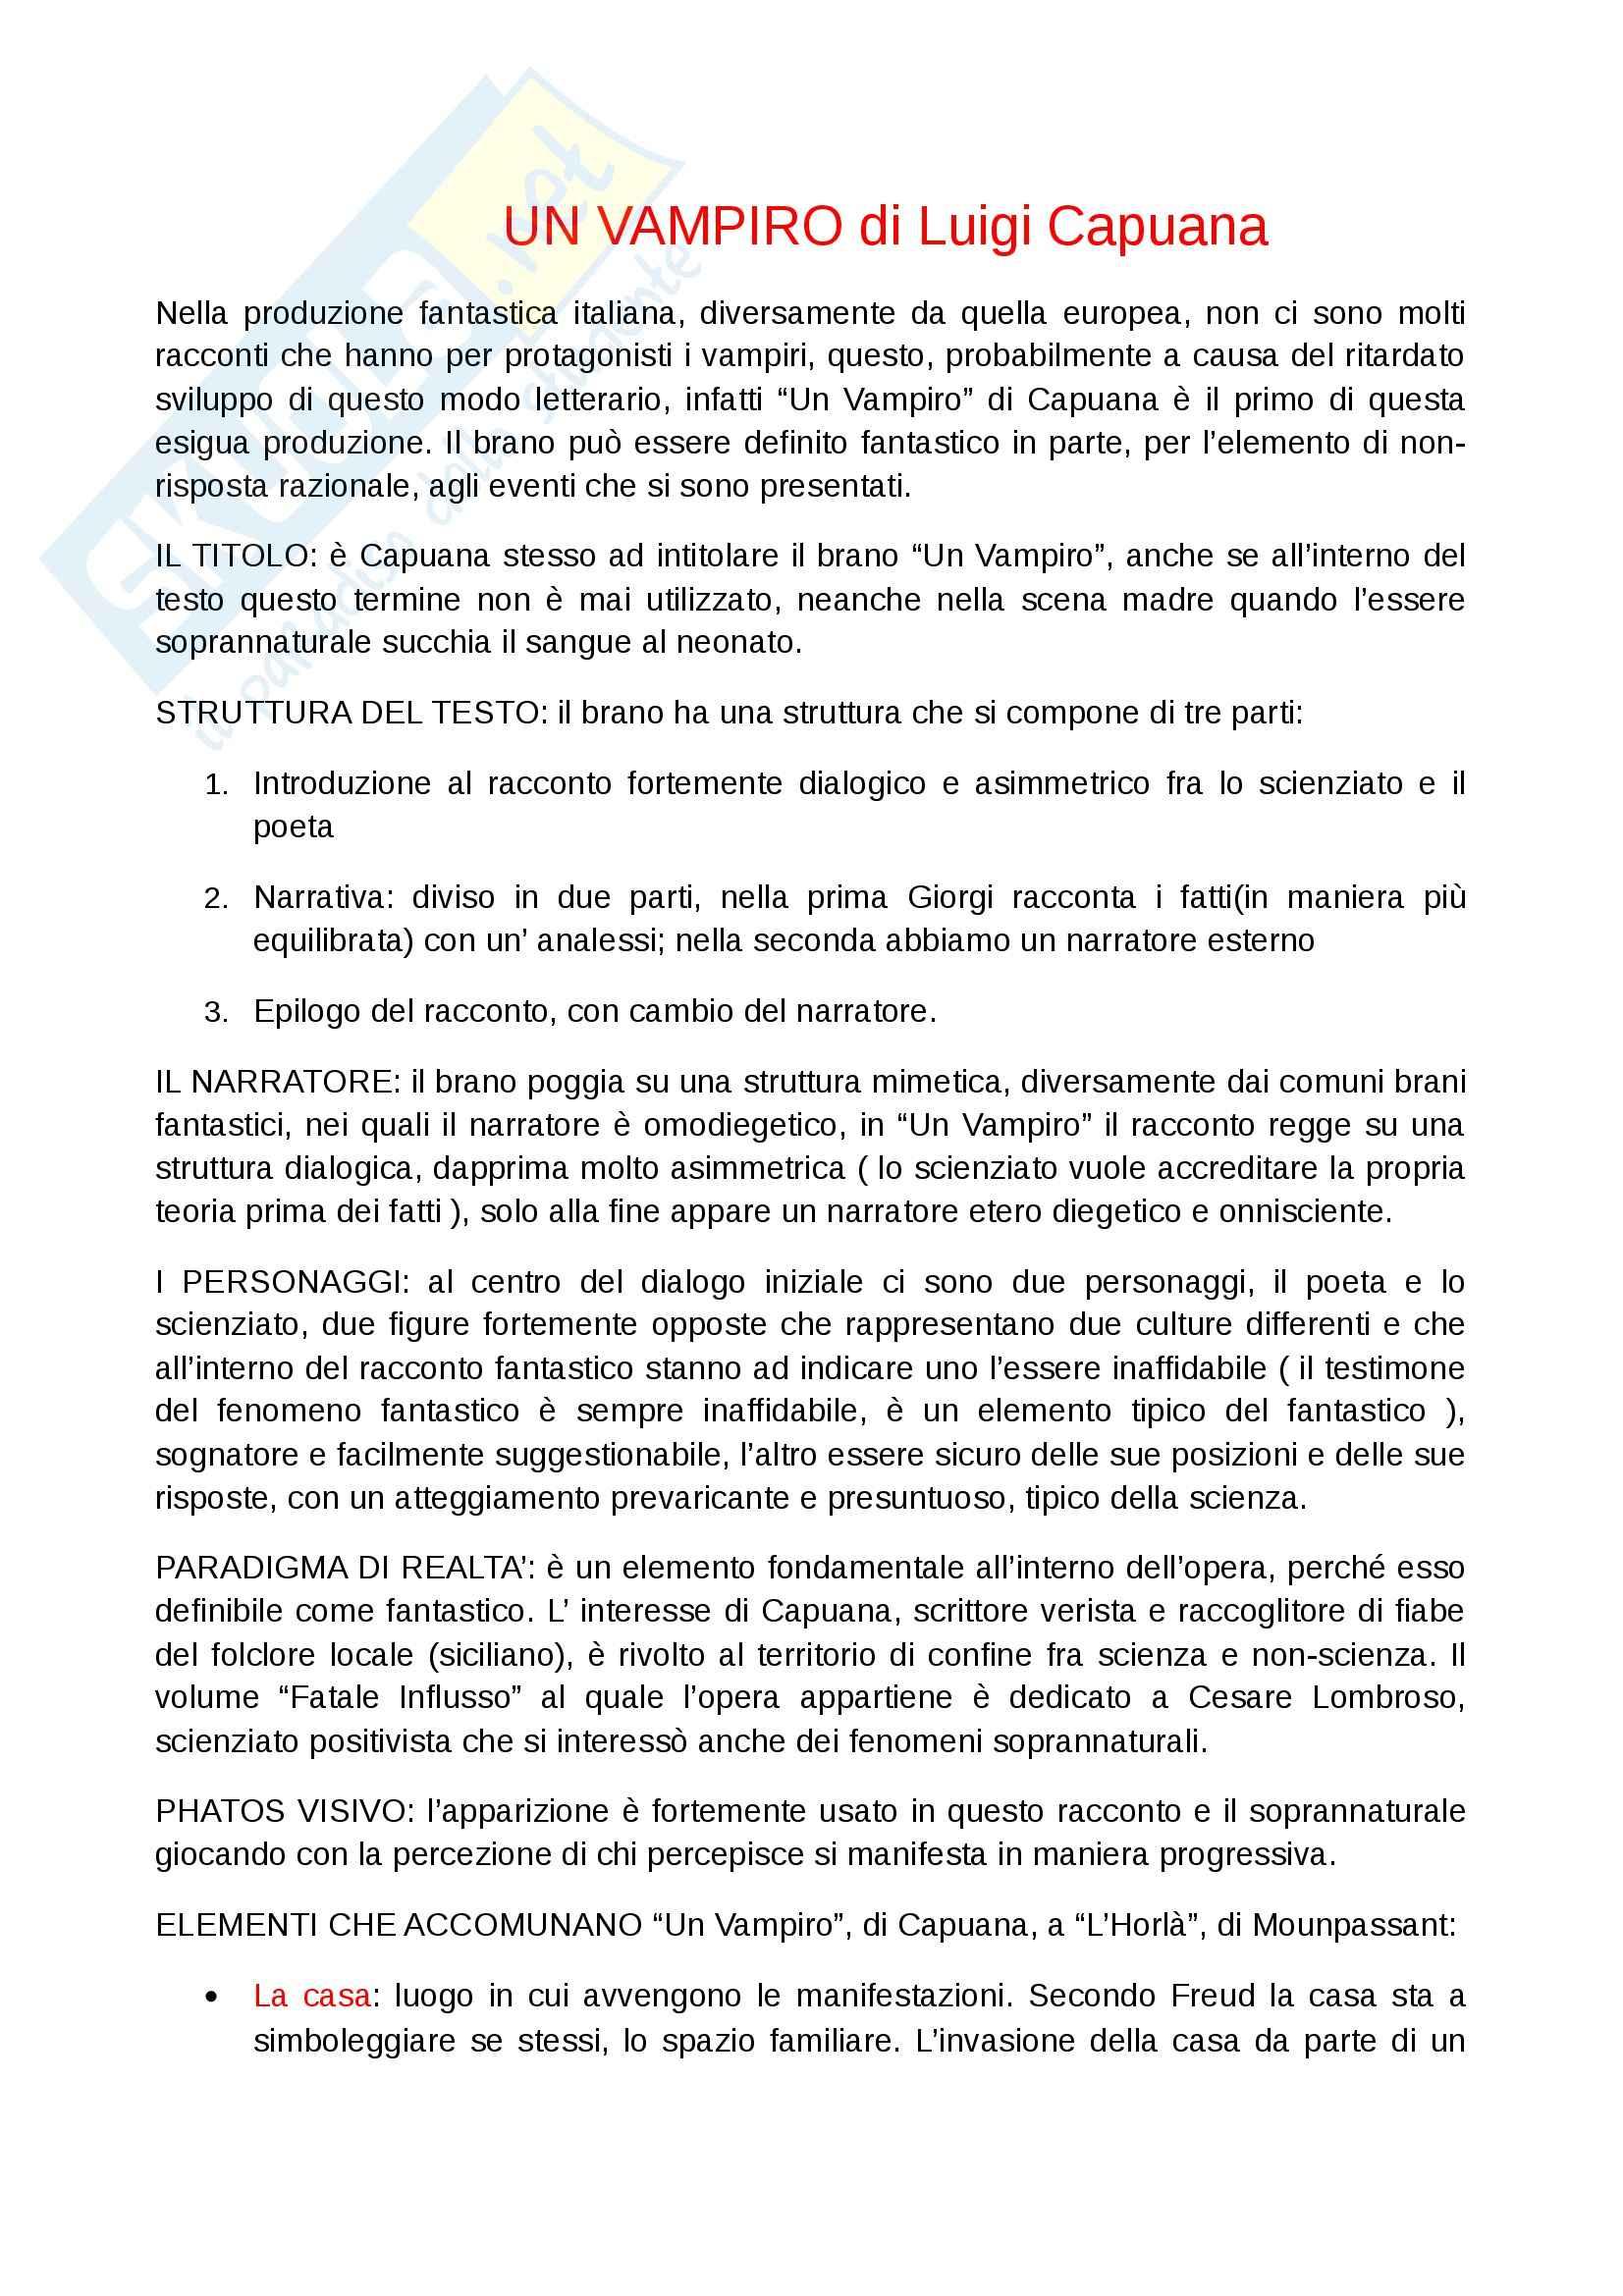 Riassunto esame Letteratura italiana, prof. Verbaro, libro consigliato Un vampiro, Capuana